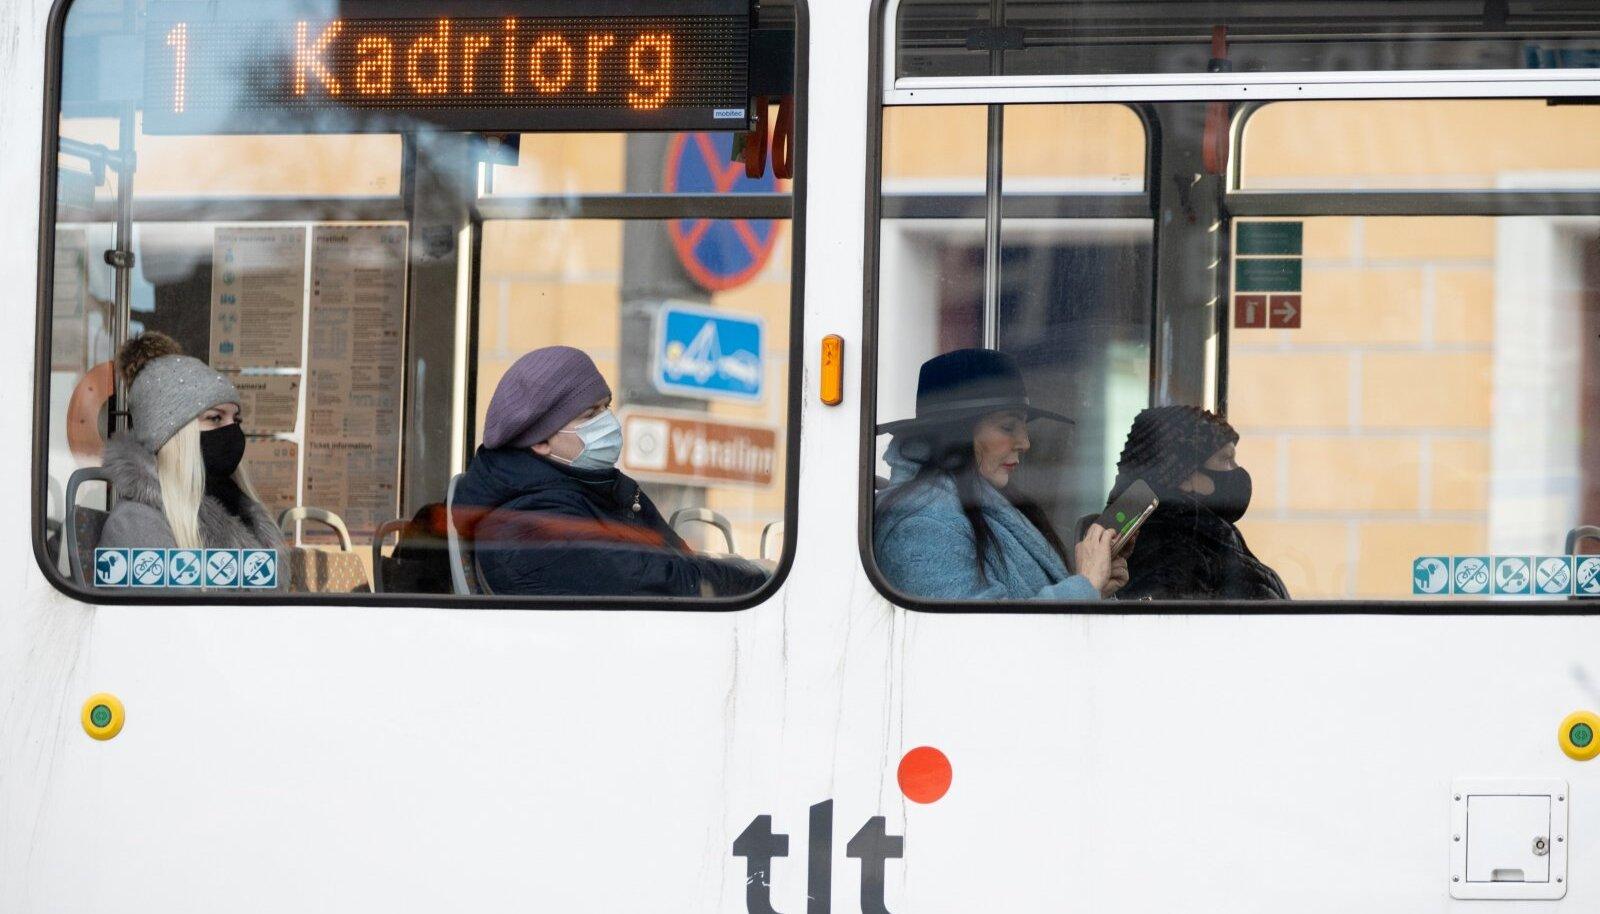 Maski kandmine avalikes siseruumides ja ühistranspordis